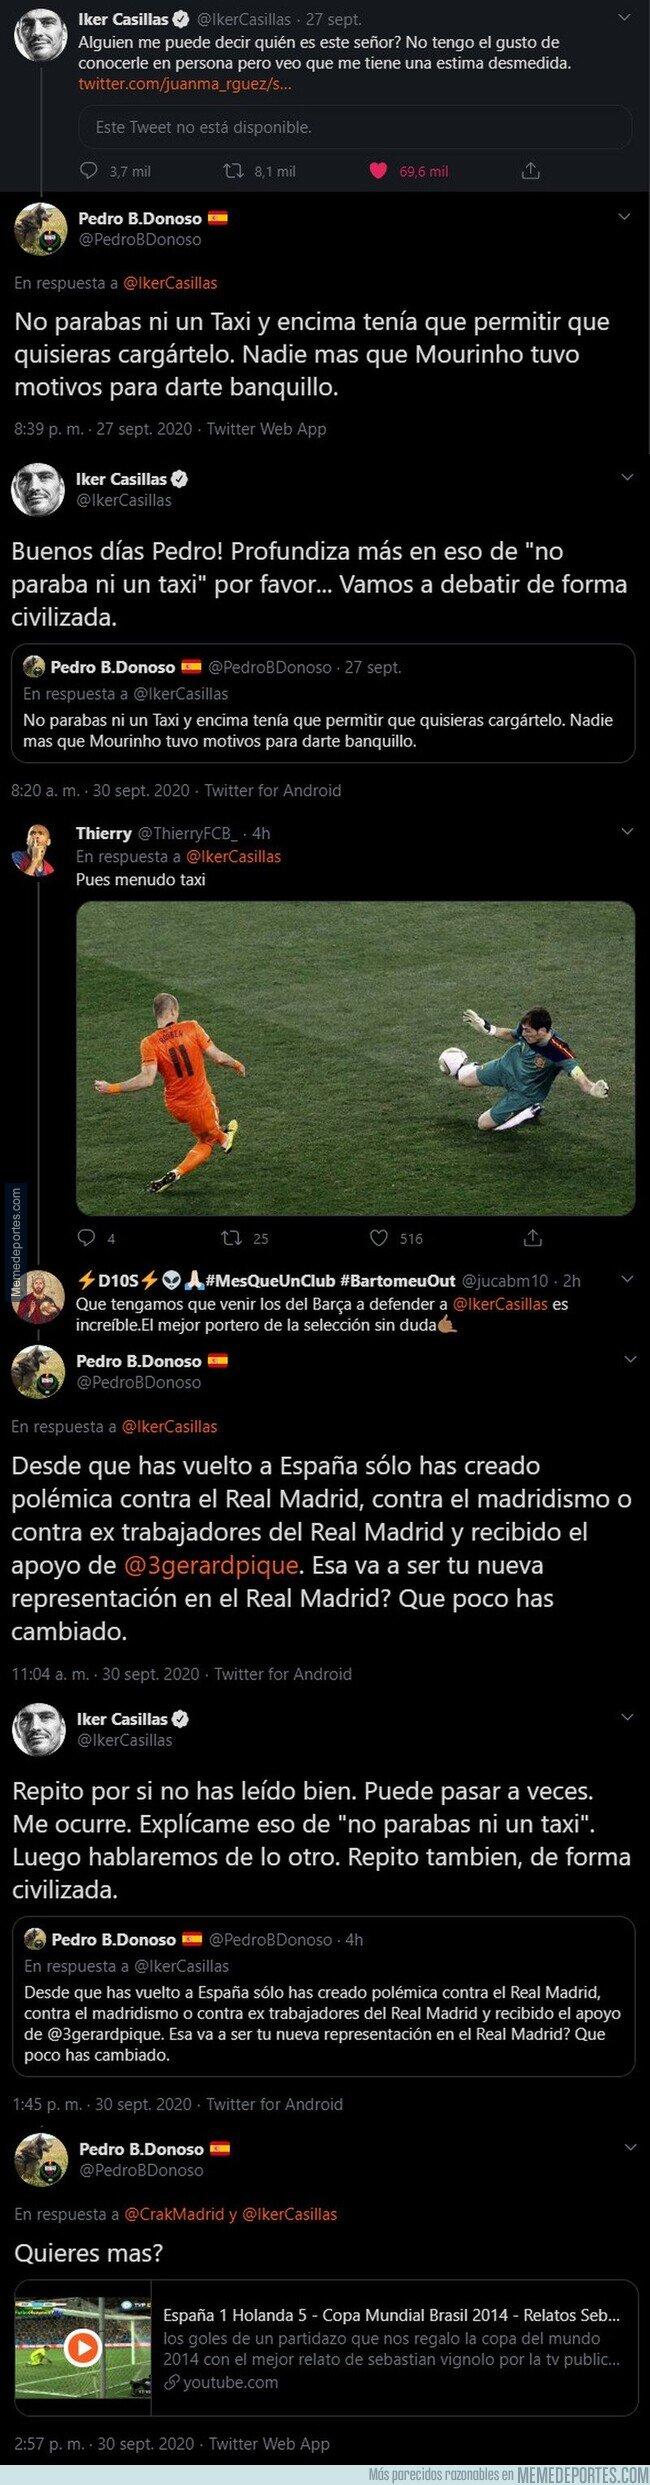 1116915 - Iker Casillas se ve envuelto en una pelea tuitera con un seguidor Madridista fanboy de Mourinho que queda realmente mal